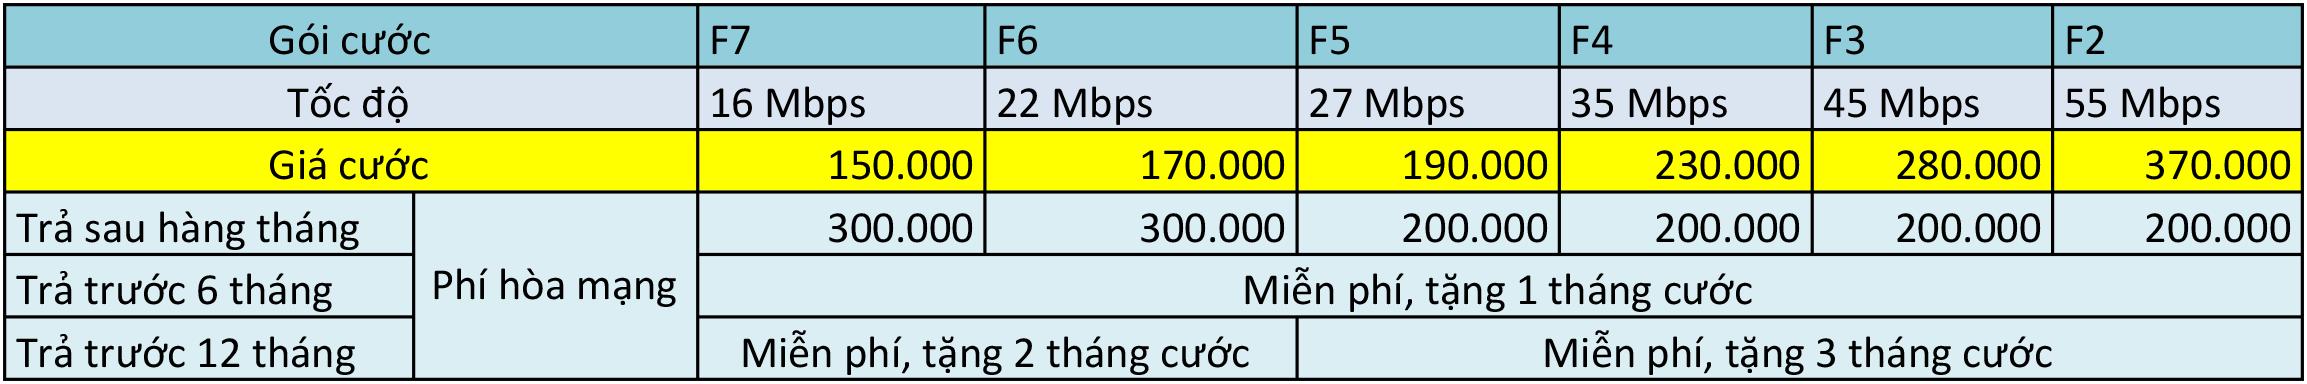 lắp cáp quang FPT Đông Hưng, Tiền Hải, Vũ Thư, Kiến Xương, Thái Thụy